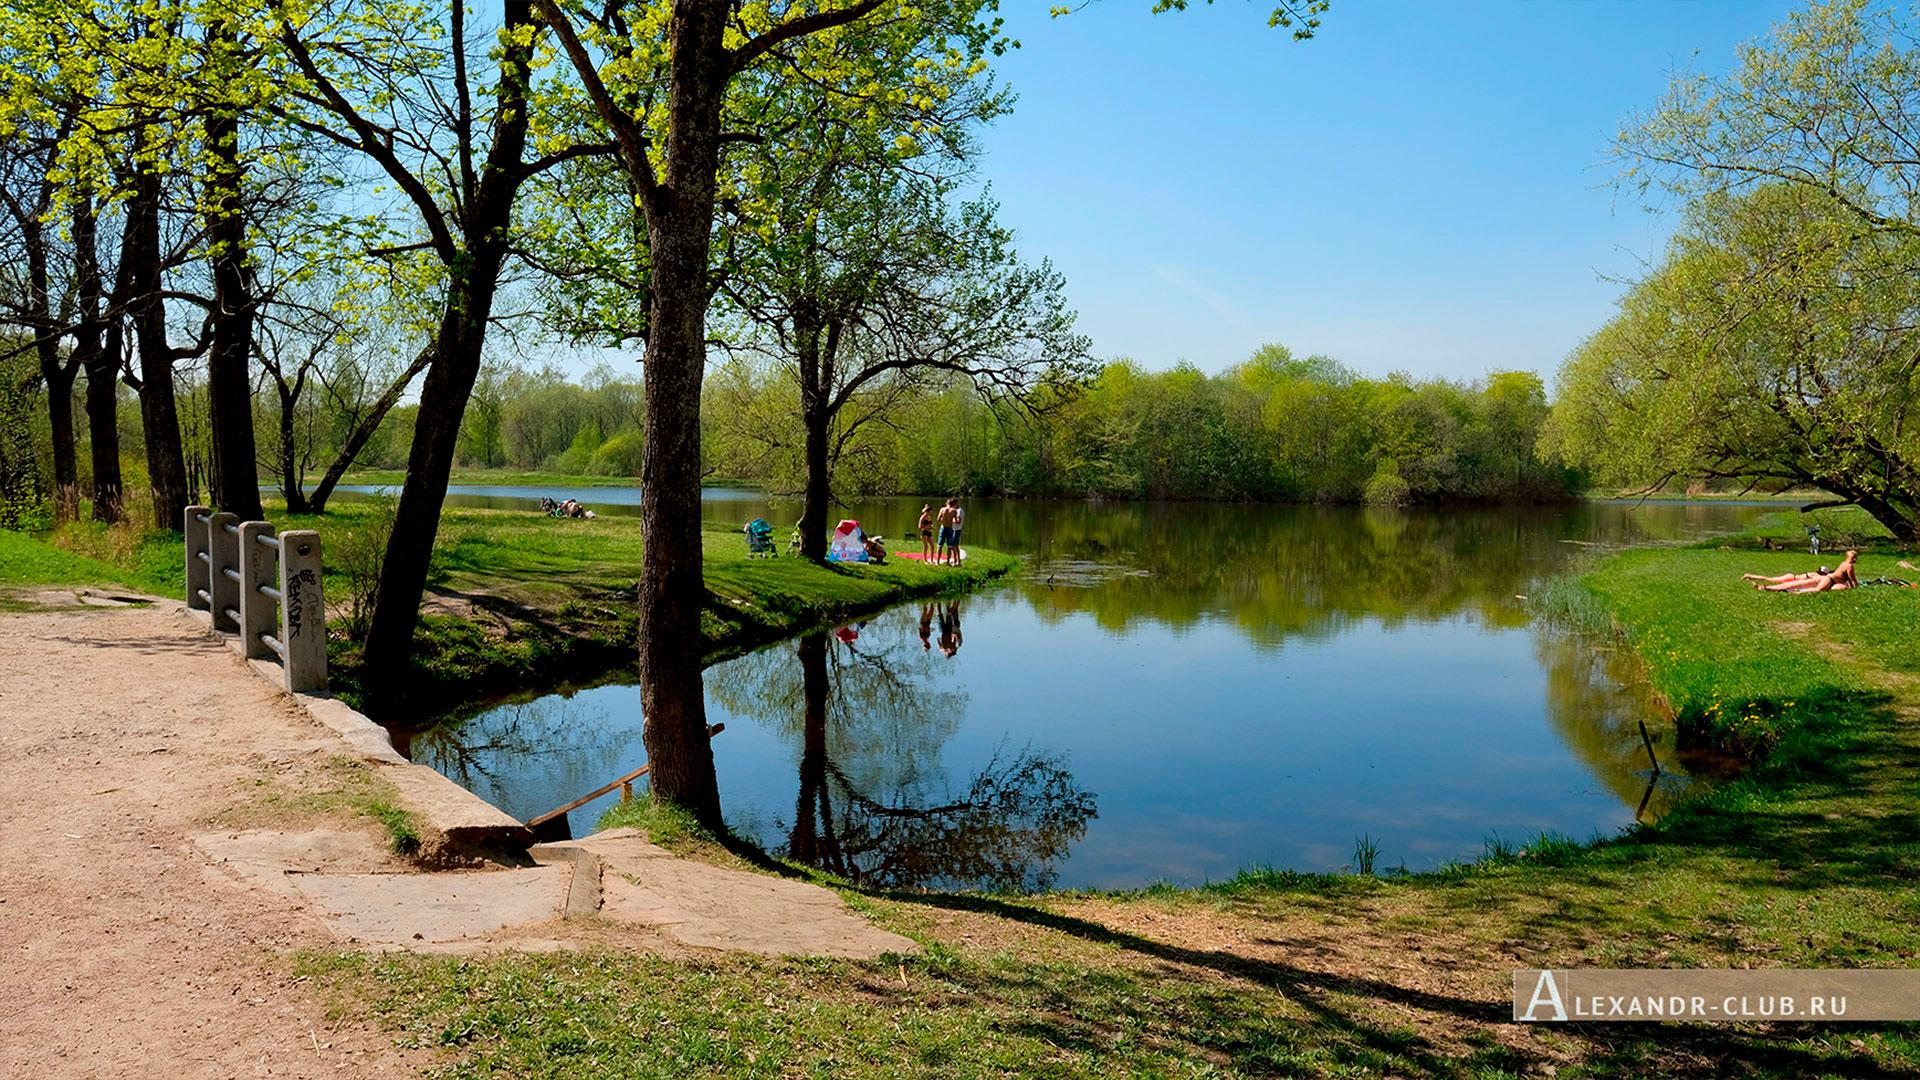 Петергоф, Луговой парк, весна, мостик на Орлинском пруду – 3